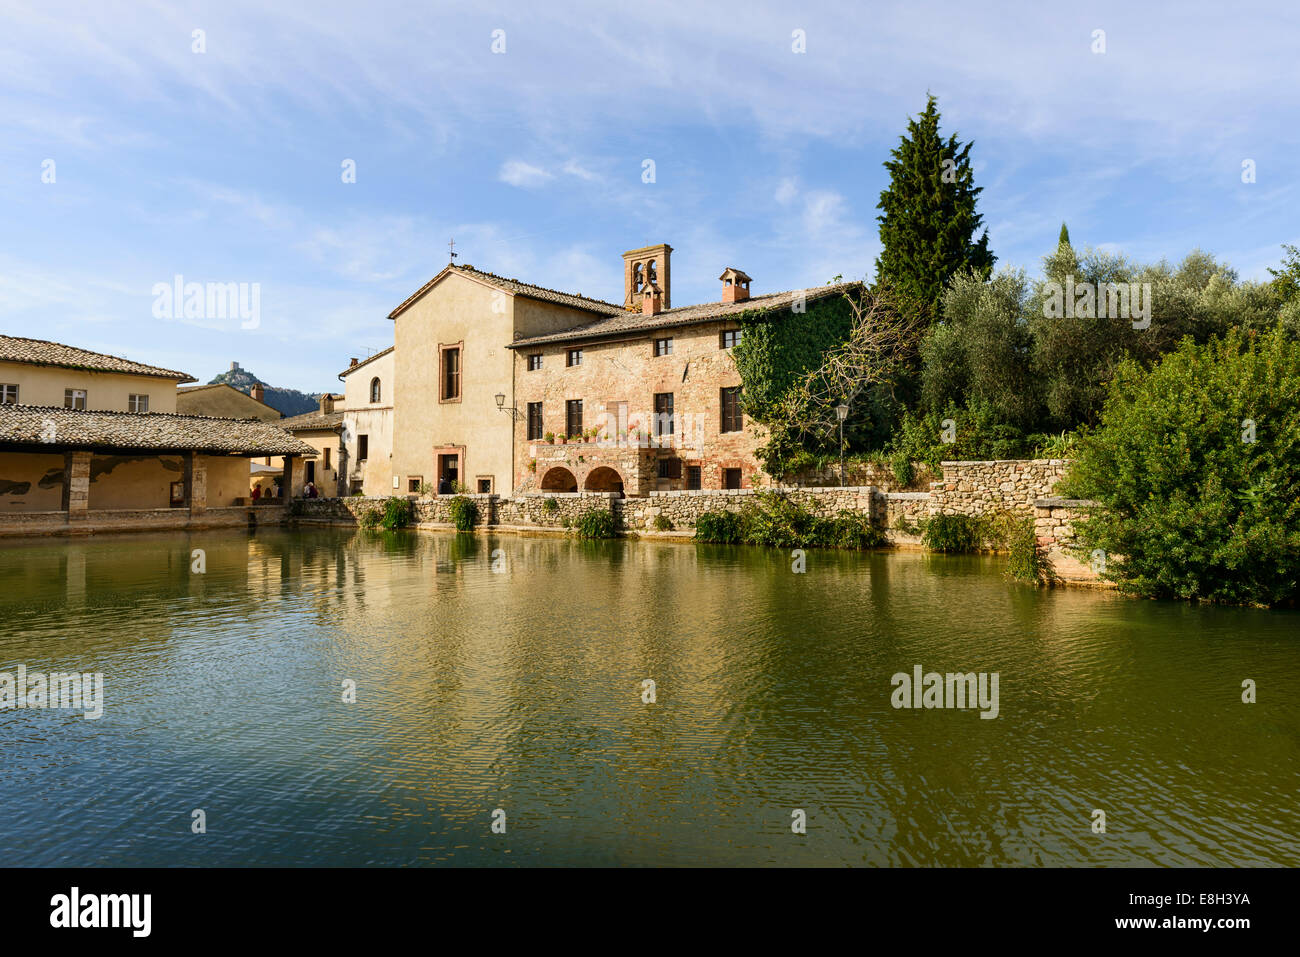 Bagno giovanni bagno vignoni piazza delle sorgente la piscina